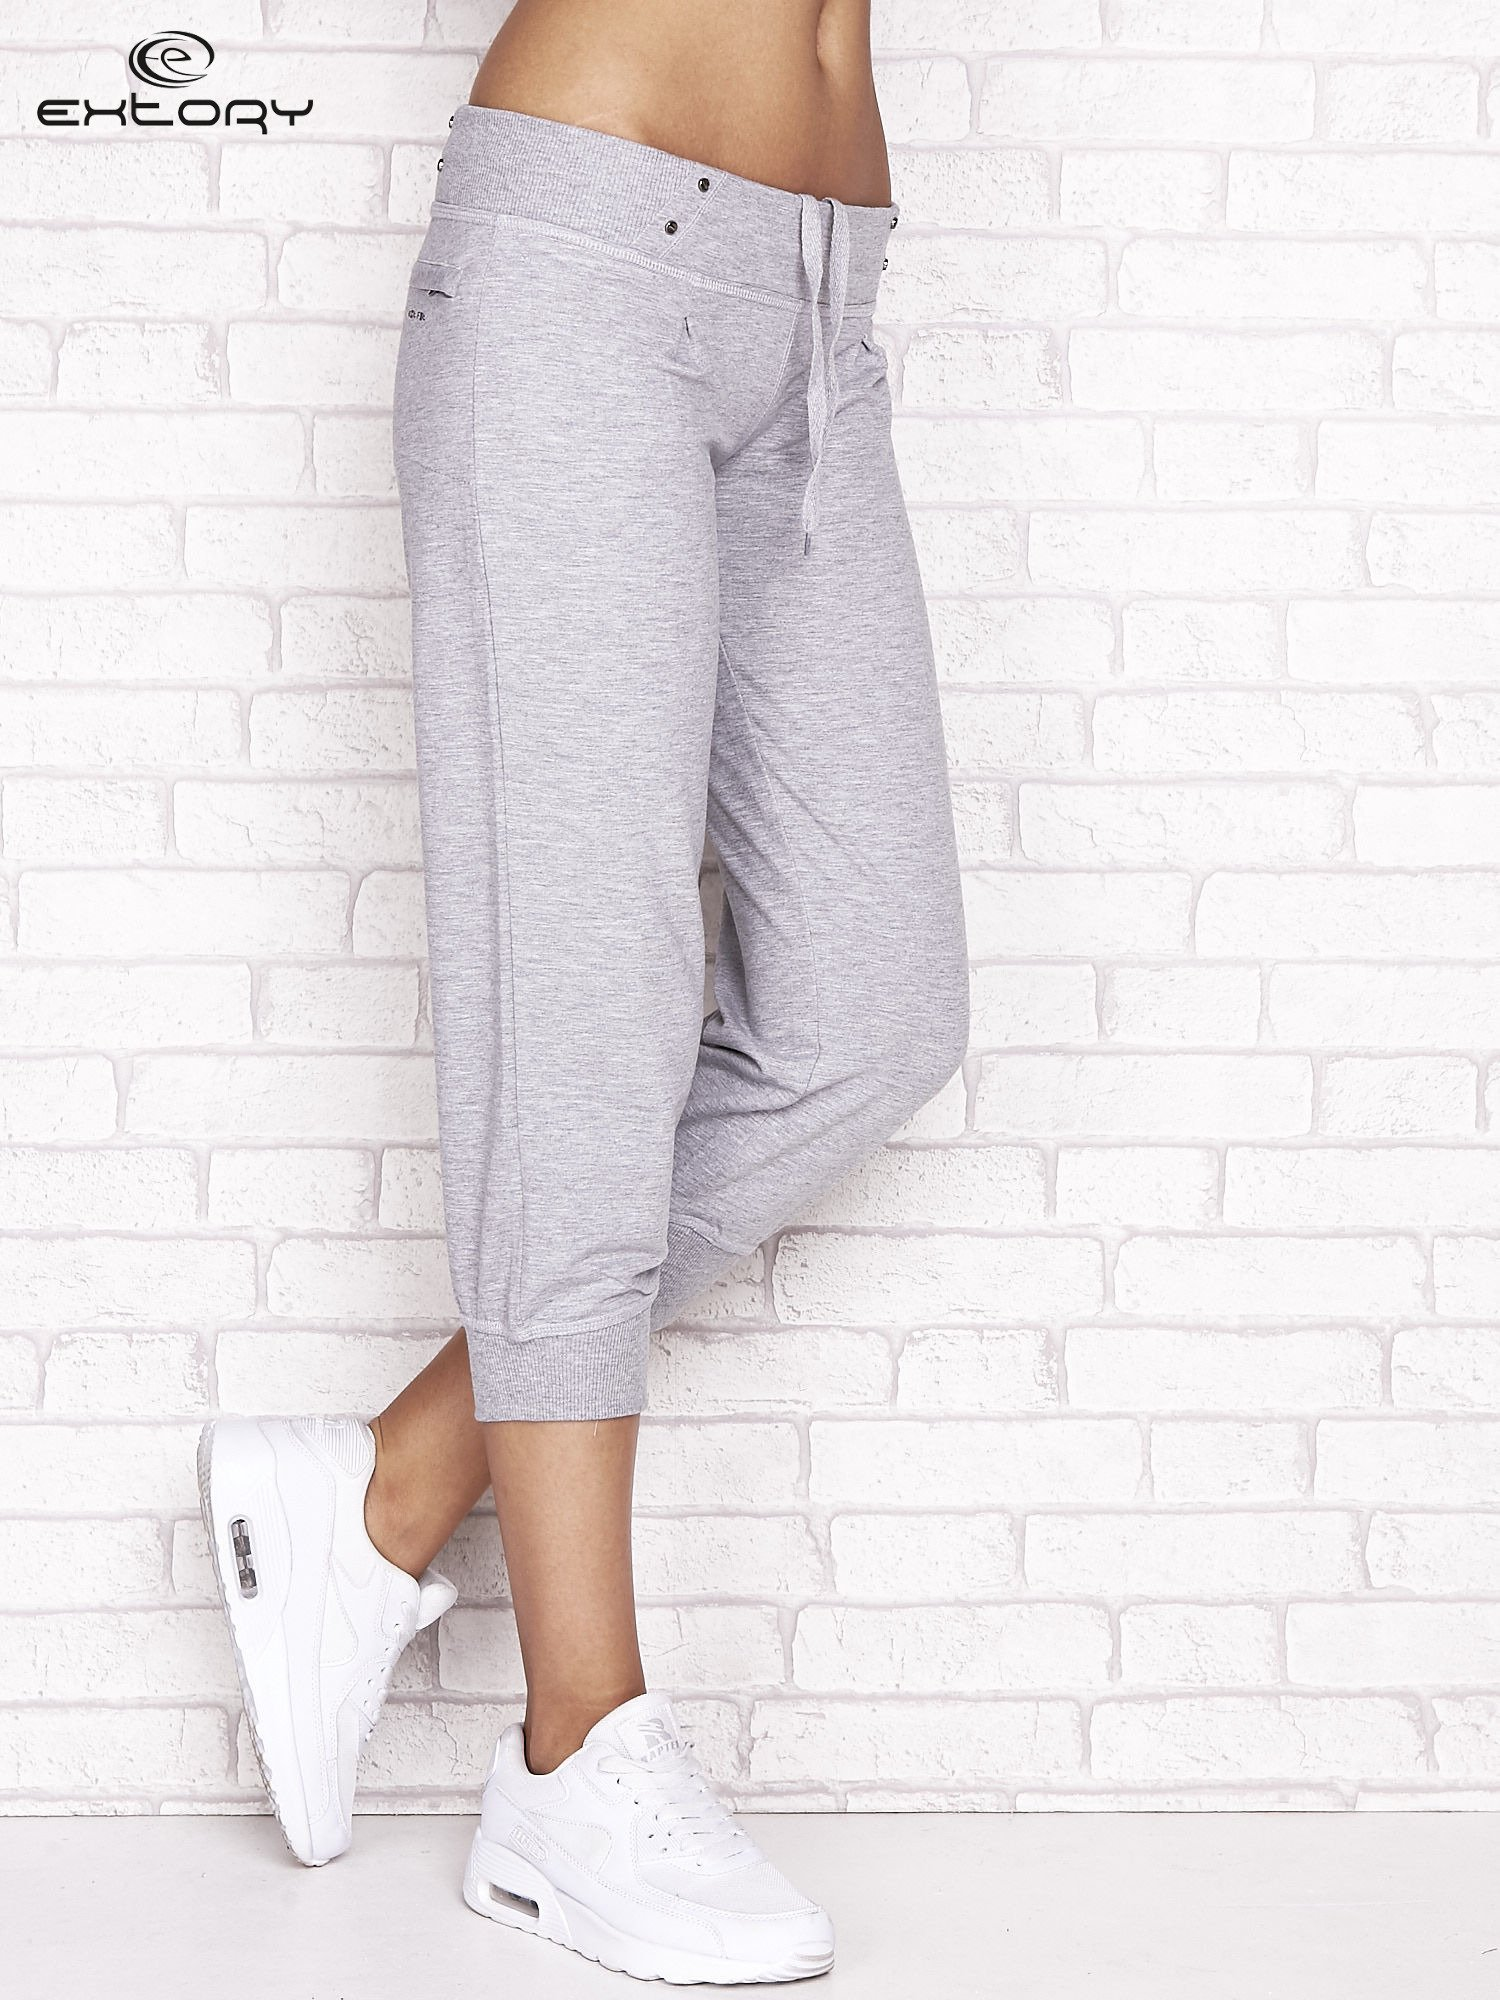 Szare spodnie dresowe capri z kieszonką na suwak                                  zdj.                                  1